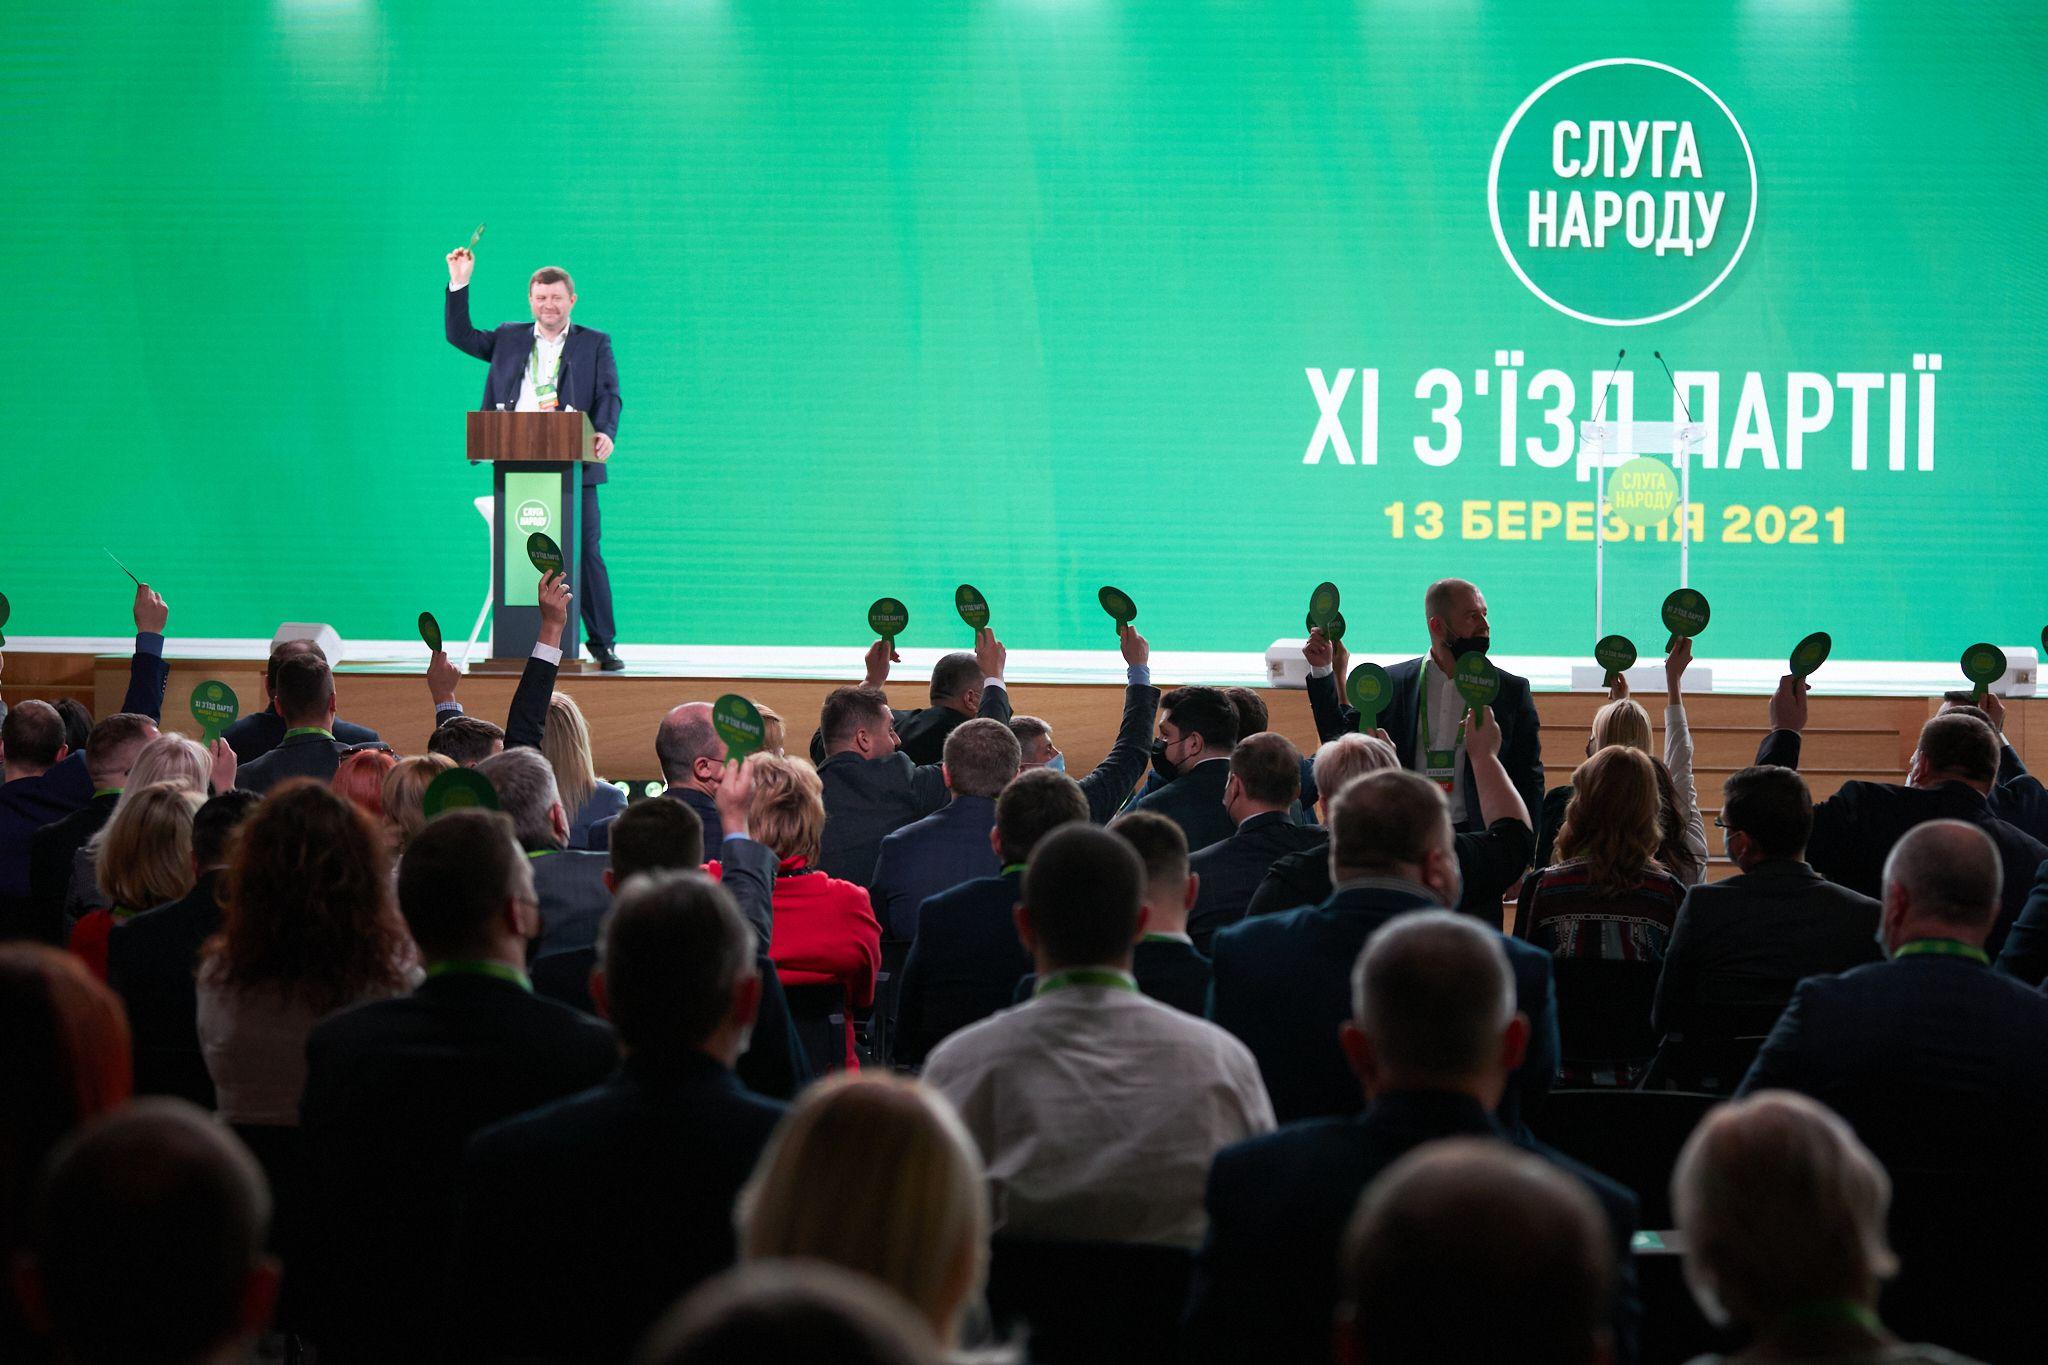 Съезд партии Слуга народа (фото – пресс-служба партии)